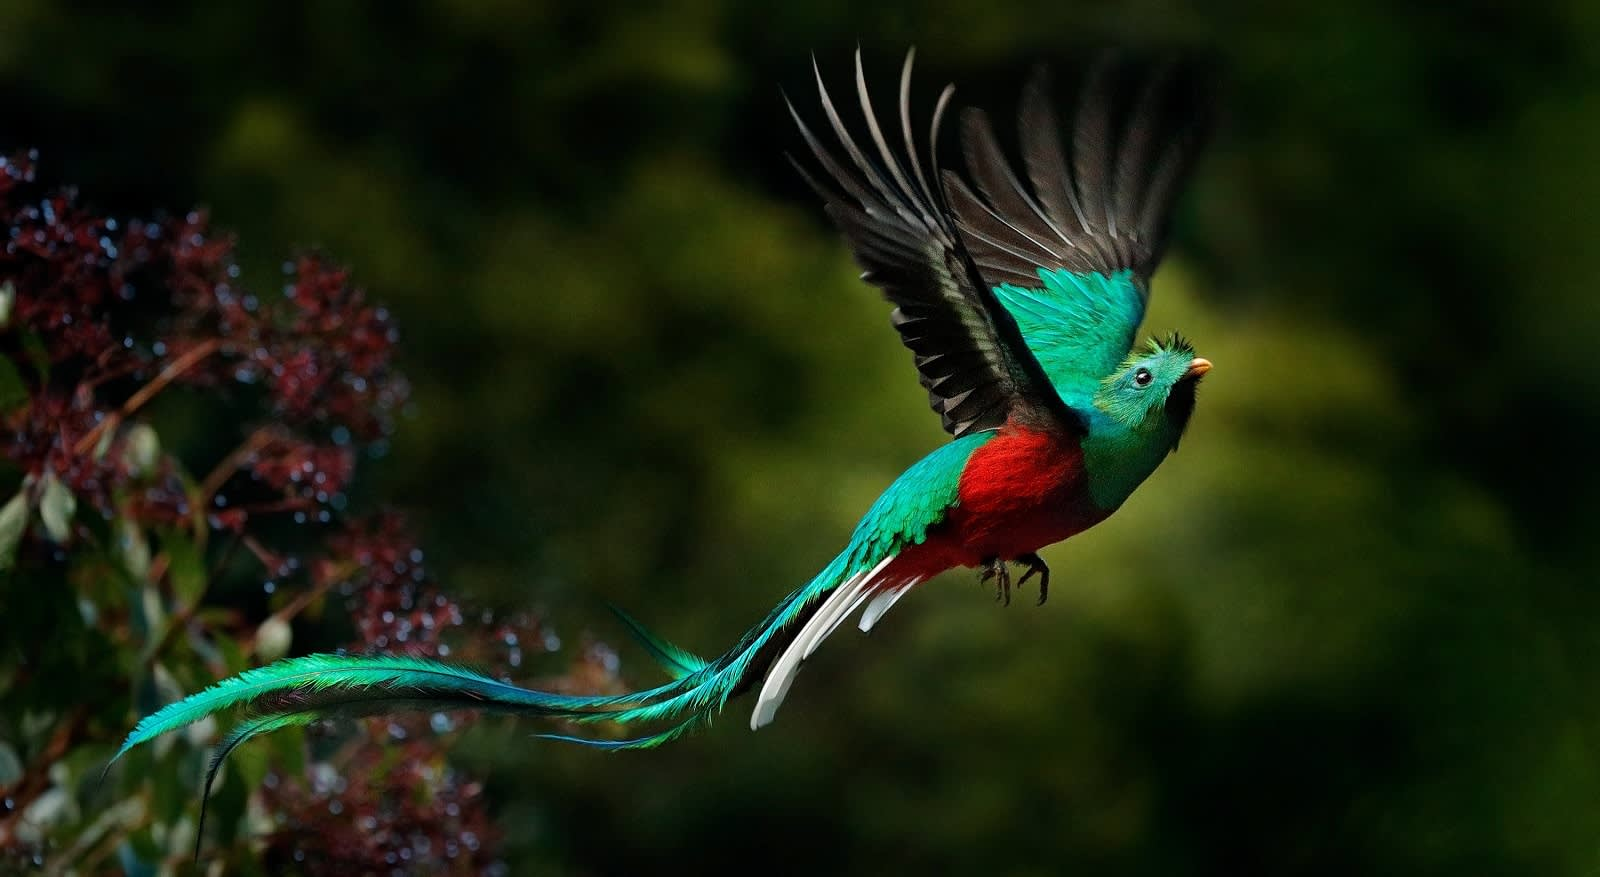 Quetzal, Pharomachrus mocinno, Savegre in Costa Rica